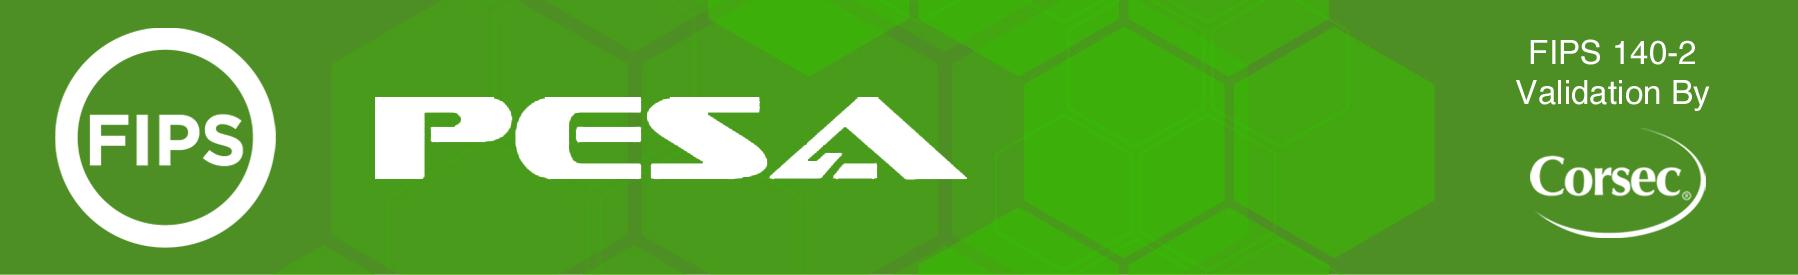 PESA FIPS Banner